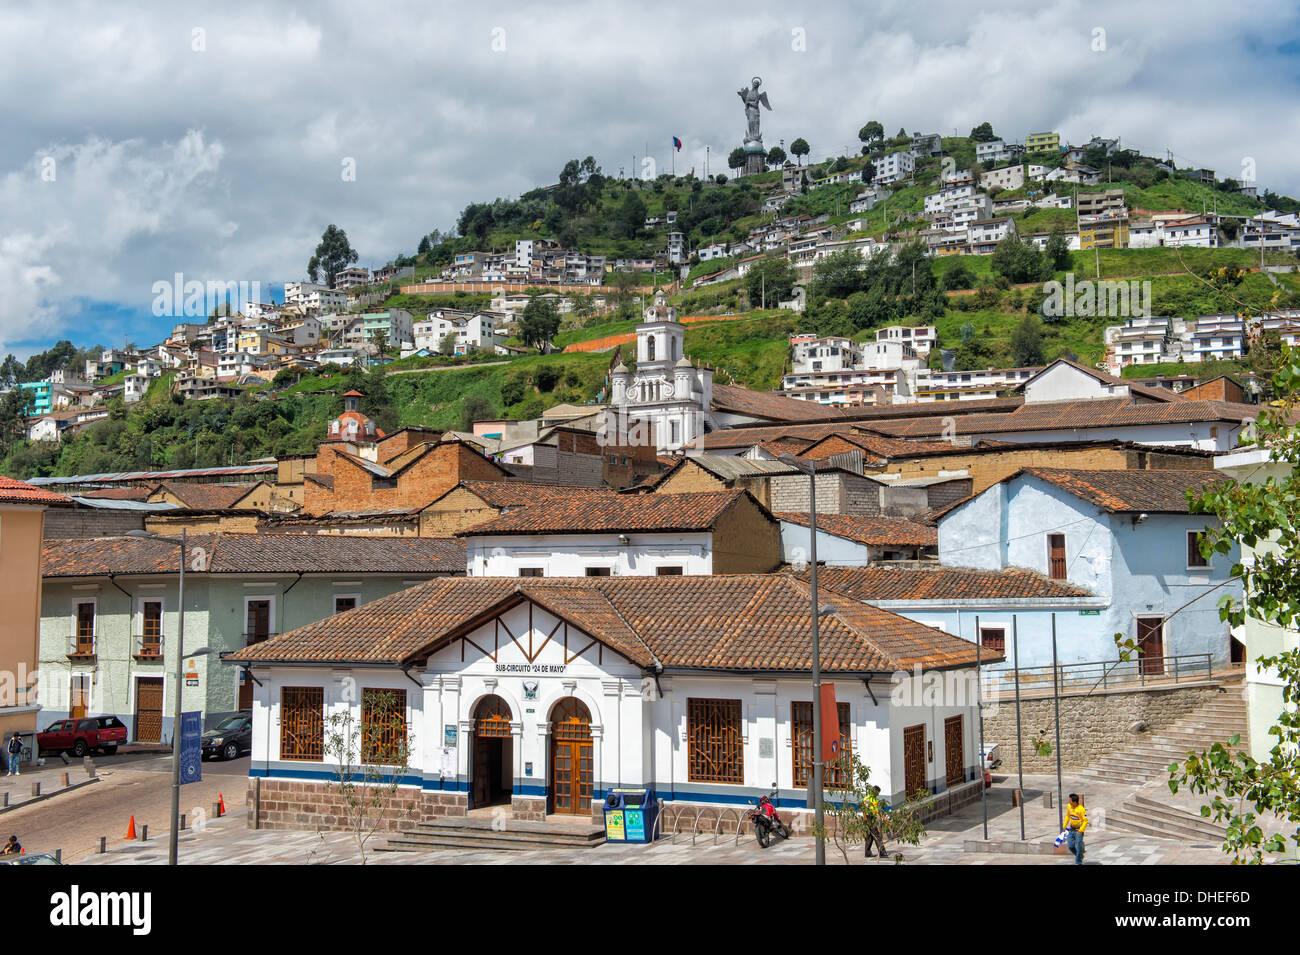 Statue der Jungfrau Maria de Quito, El Panecillo Hügel, Quito, Provinz Pichincha, Ecuador Stockfoto